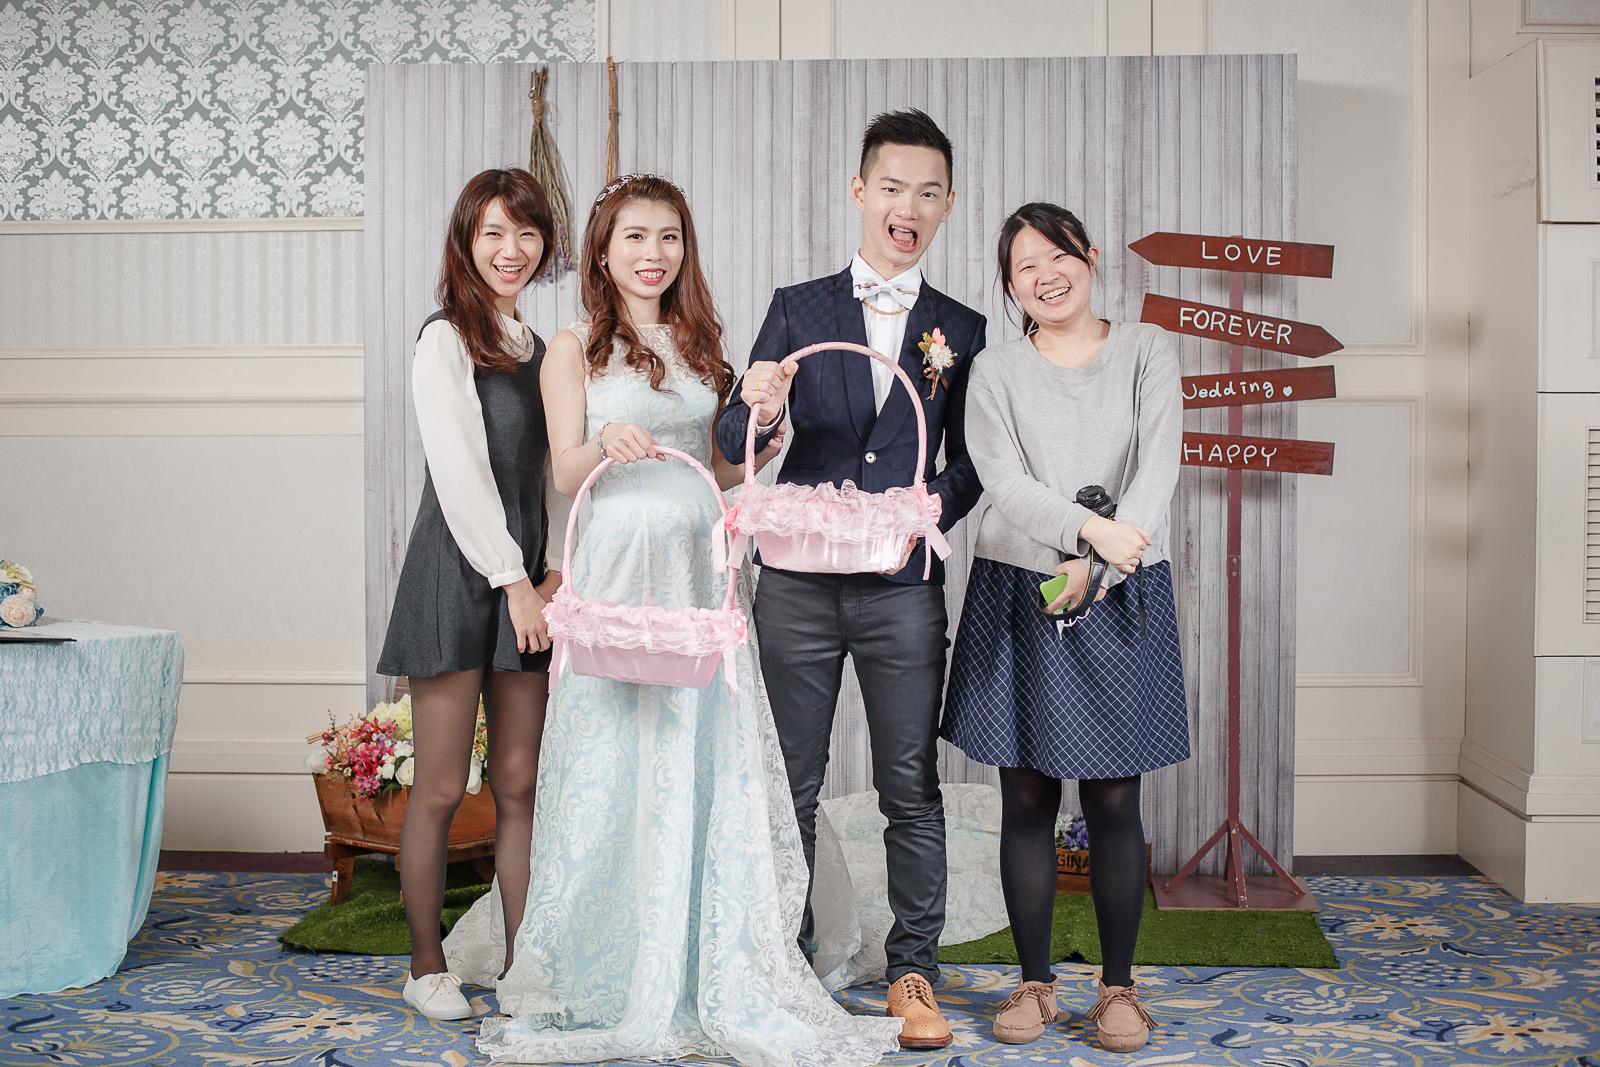 高雄圓山飯店,婚禮攝影,婚攝,高雄婚攝,優質婚攝推薦,Jen&Ethan-336